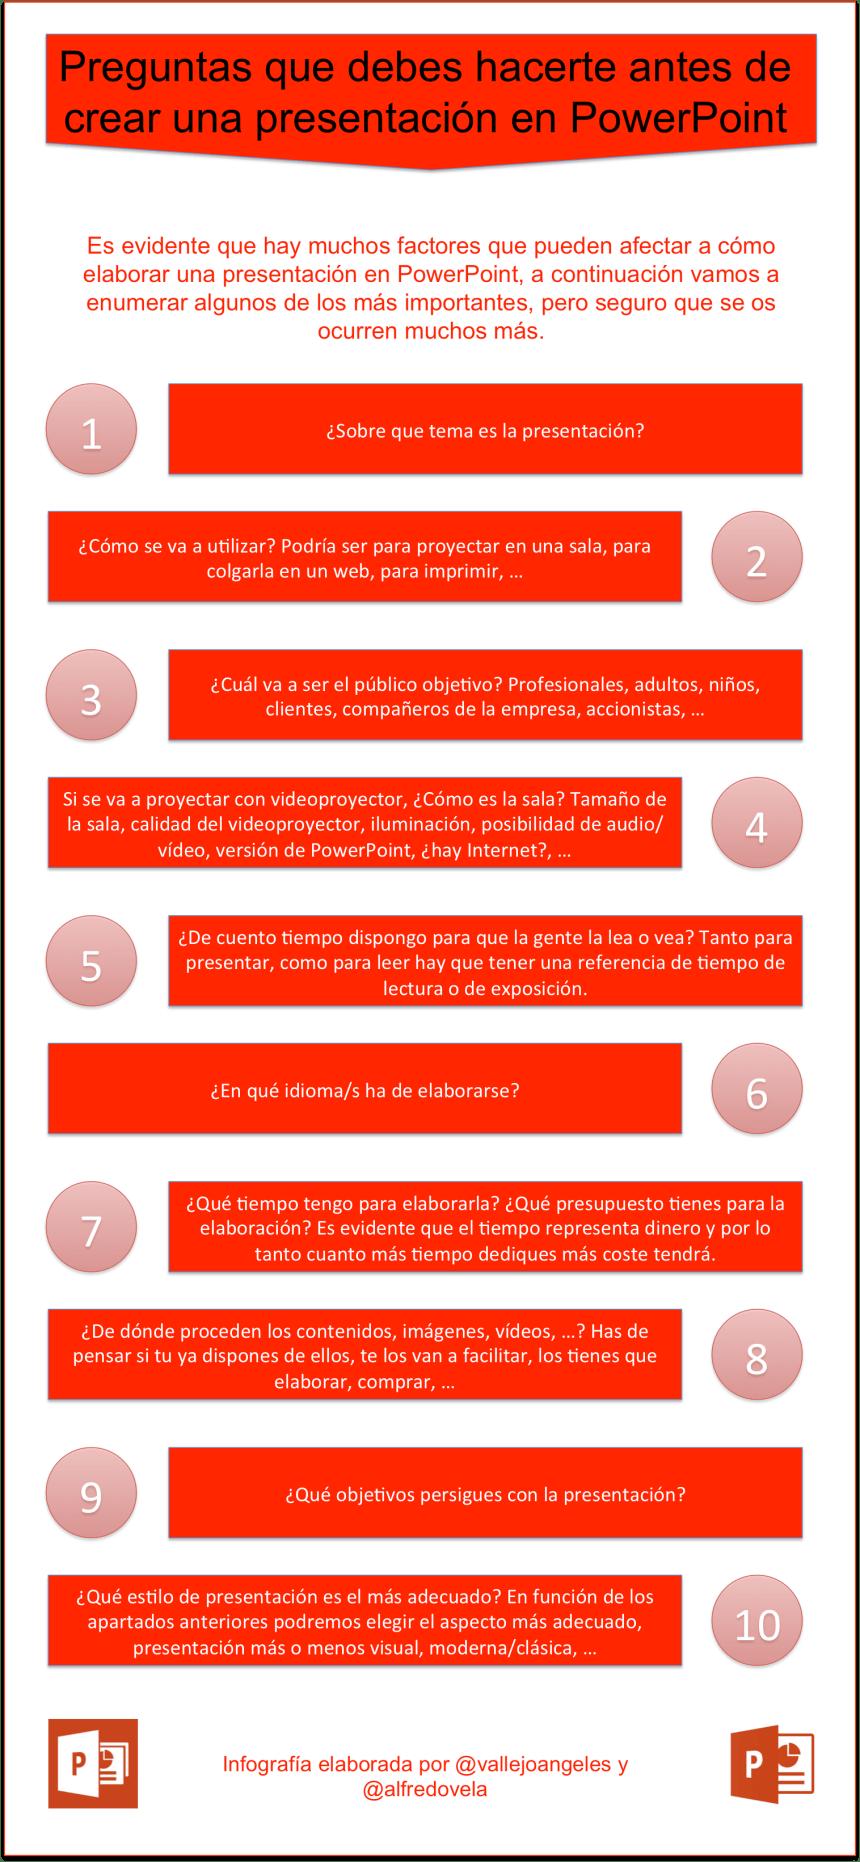 Preguntas que debes hacerte antes de crear una presentación en PowerPoint